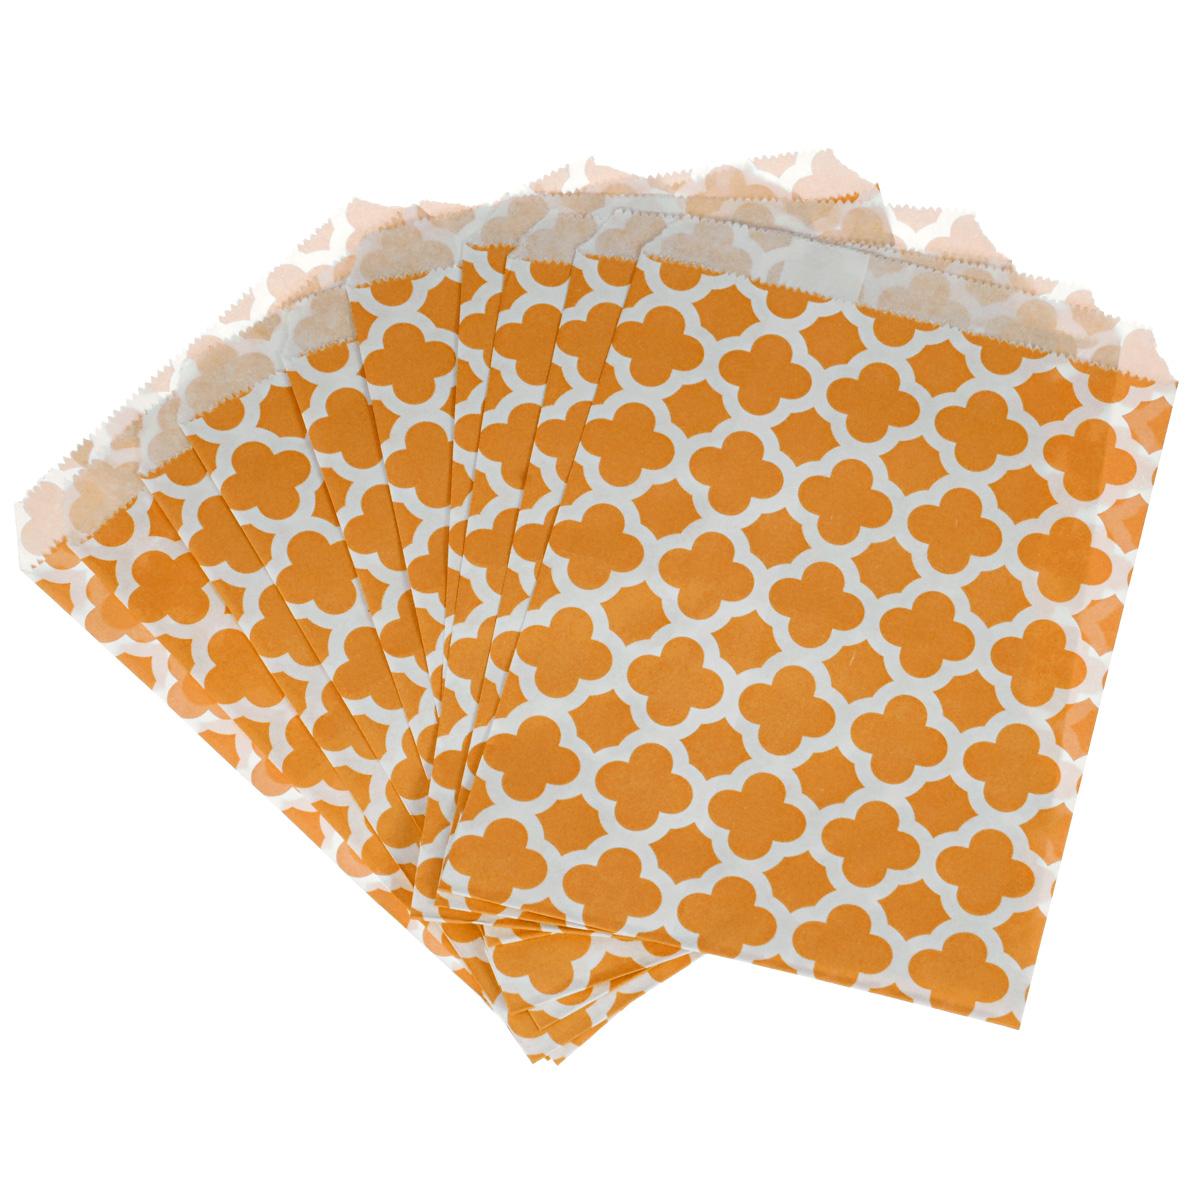 Пакеты бумажные Dolce Arti Arabesque, для выпекания, цвет: оранжевый, 10 штDA040208Бумажные пакеты Dolce Arti Arabesque очень многофункциональны. Их можно использовать насколько хватит вашей фантазии: для выпекания, для упаковки маленьких подарков, сладостей и многого другого. Размер: 13 см х 18 см.